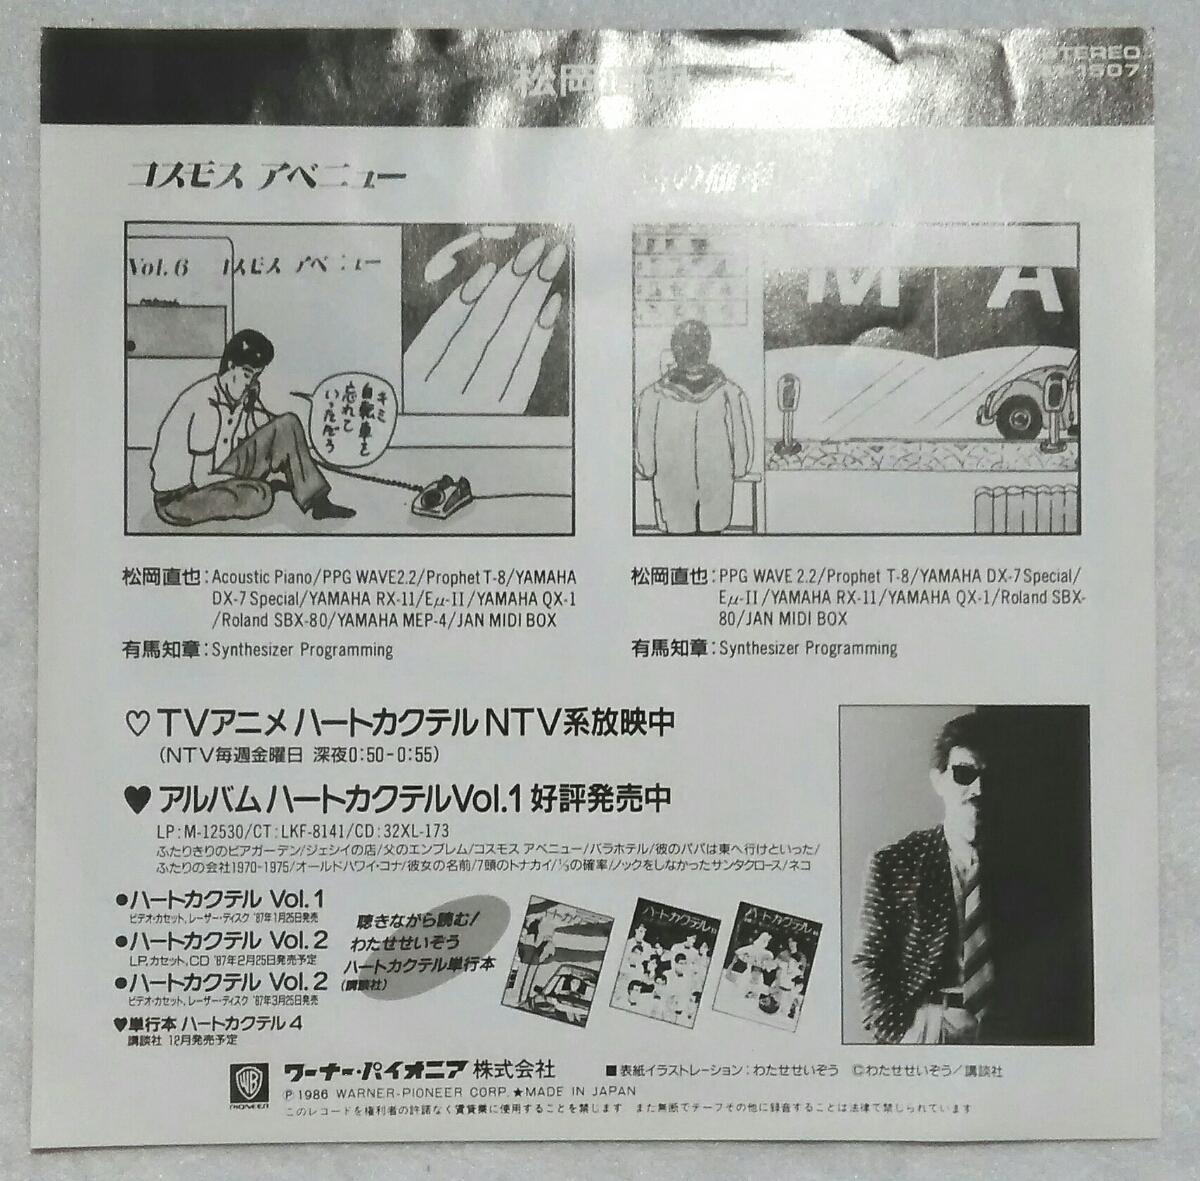 7'' 松岡直也 / コスモス アベニュー / 1/3の確率 M-1507 ハートカクテル さわやか系フュージョン 盤美_画像3